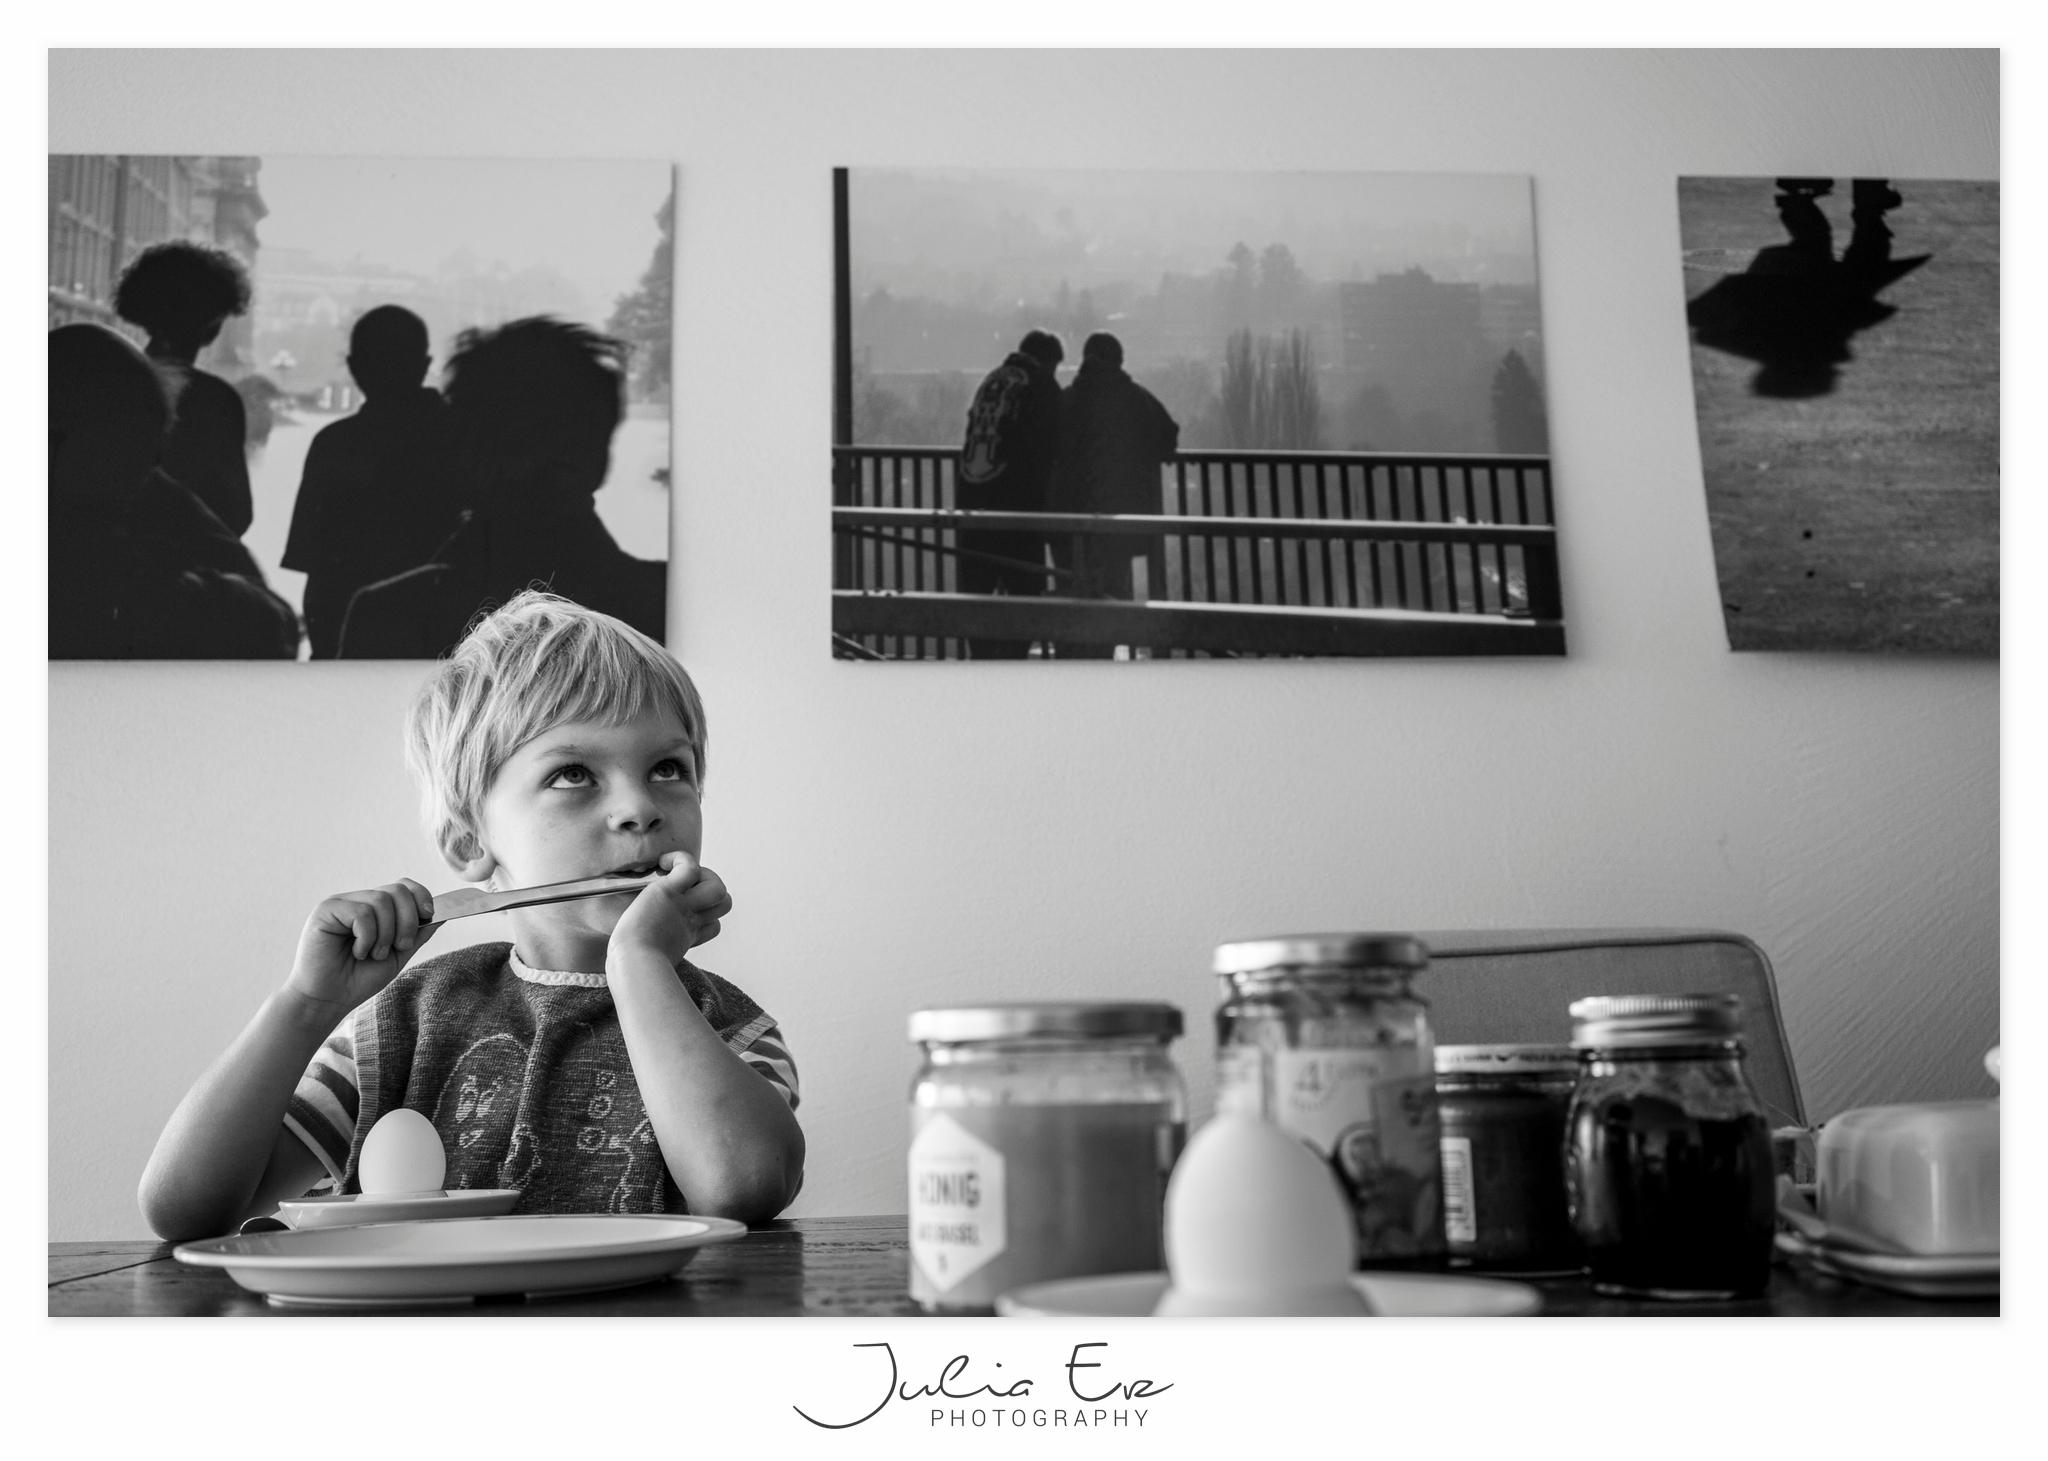 Familienfotografie - Julia Erz - Junge schaut fragend